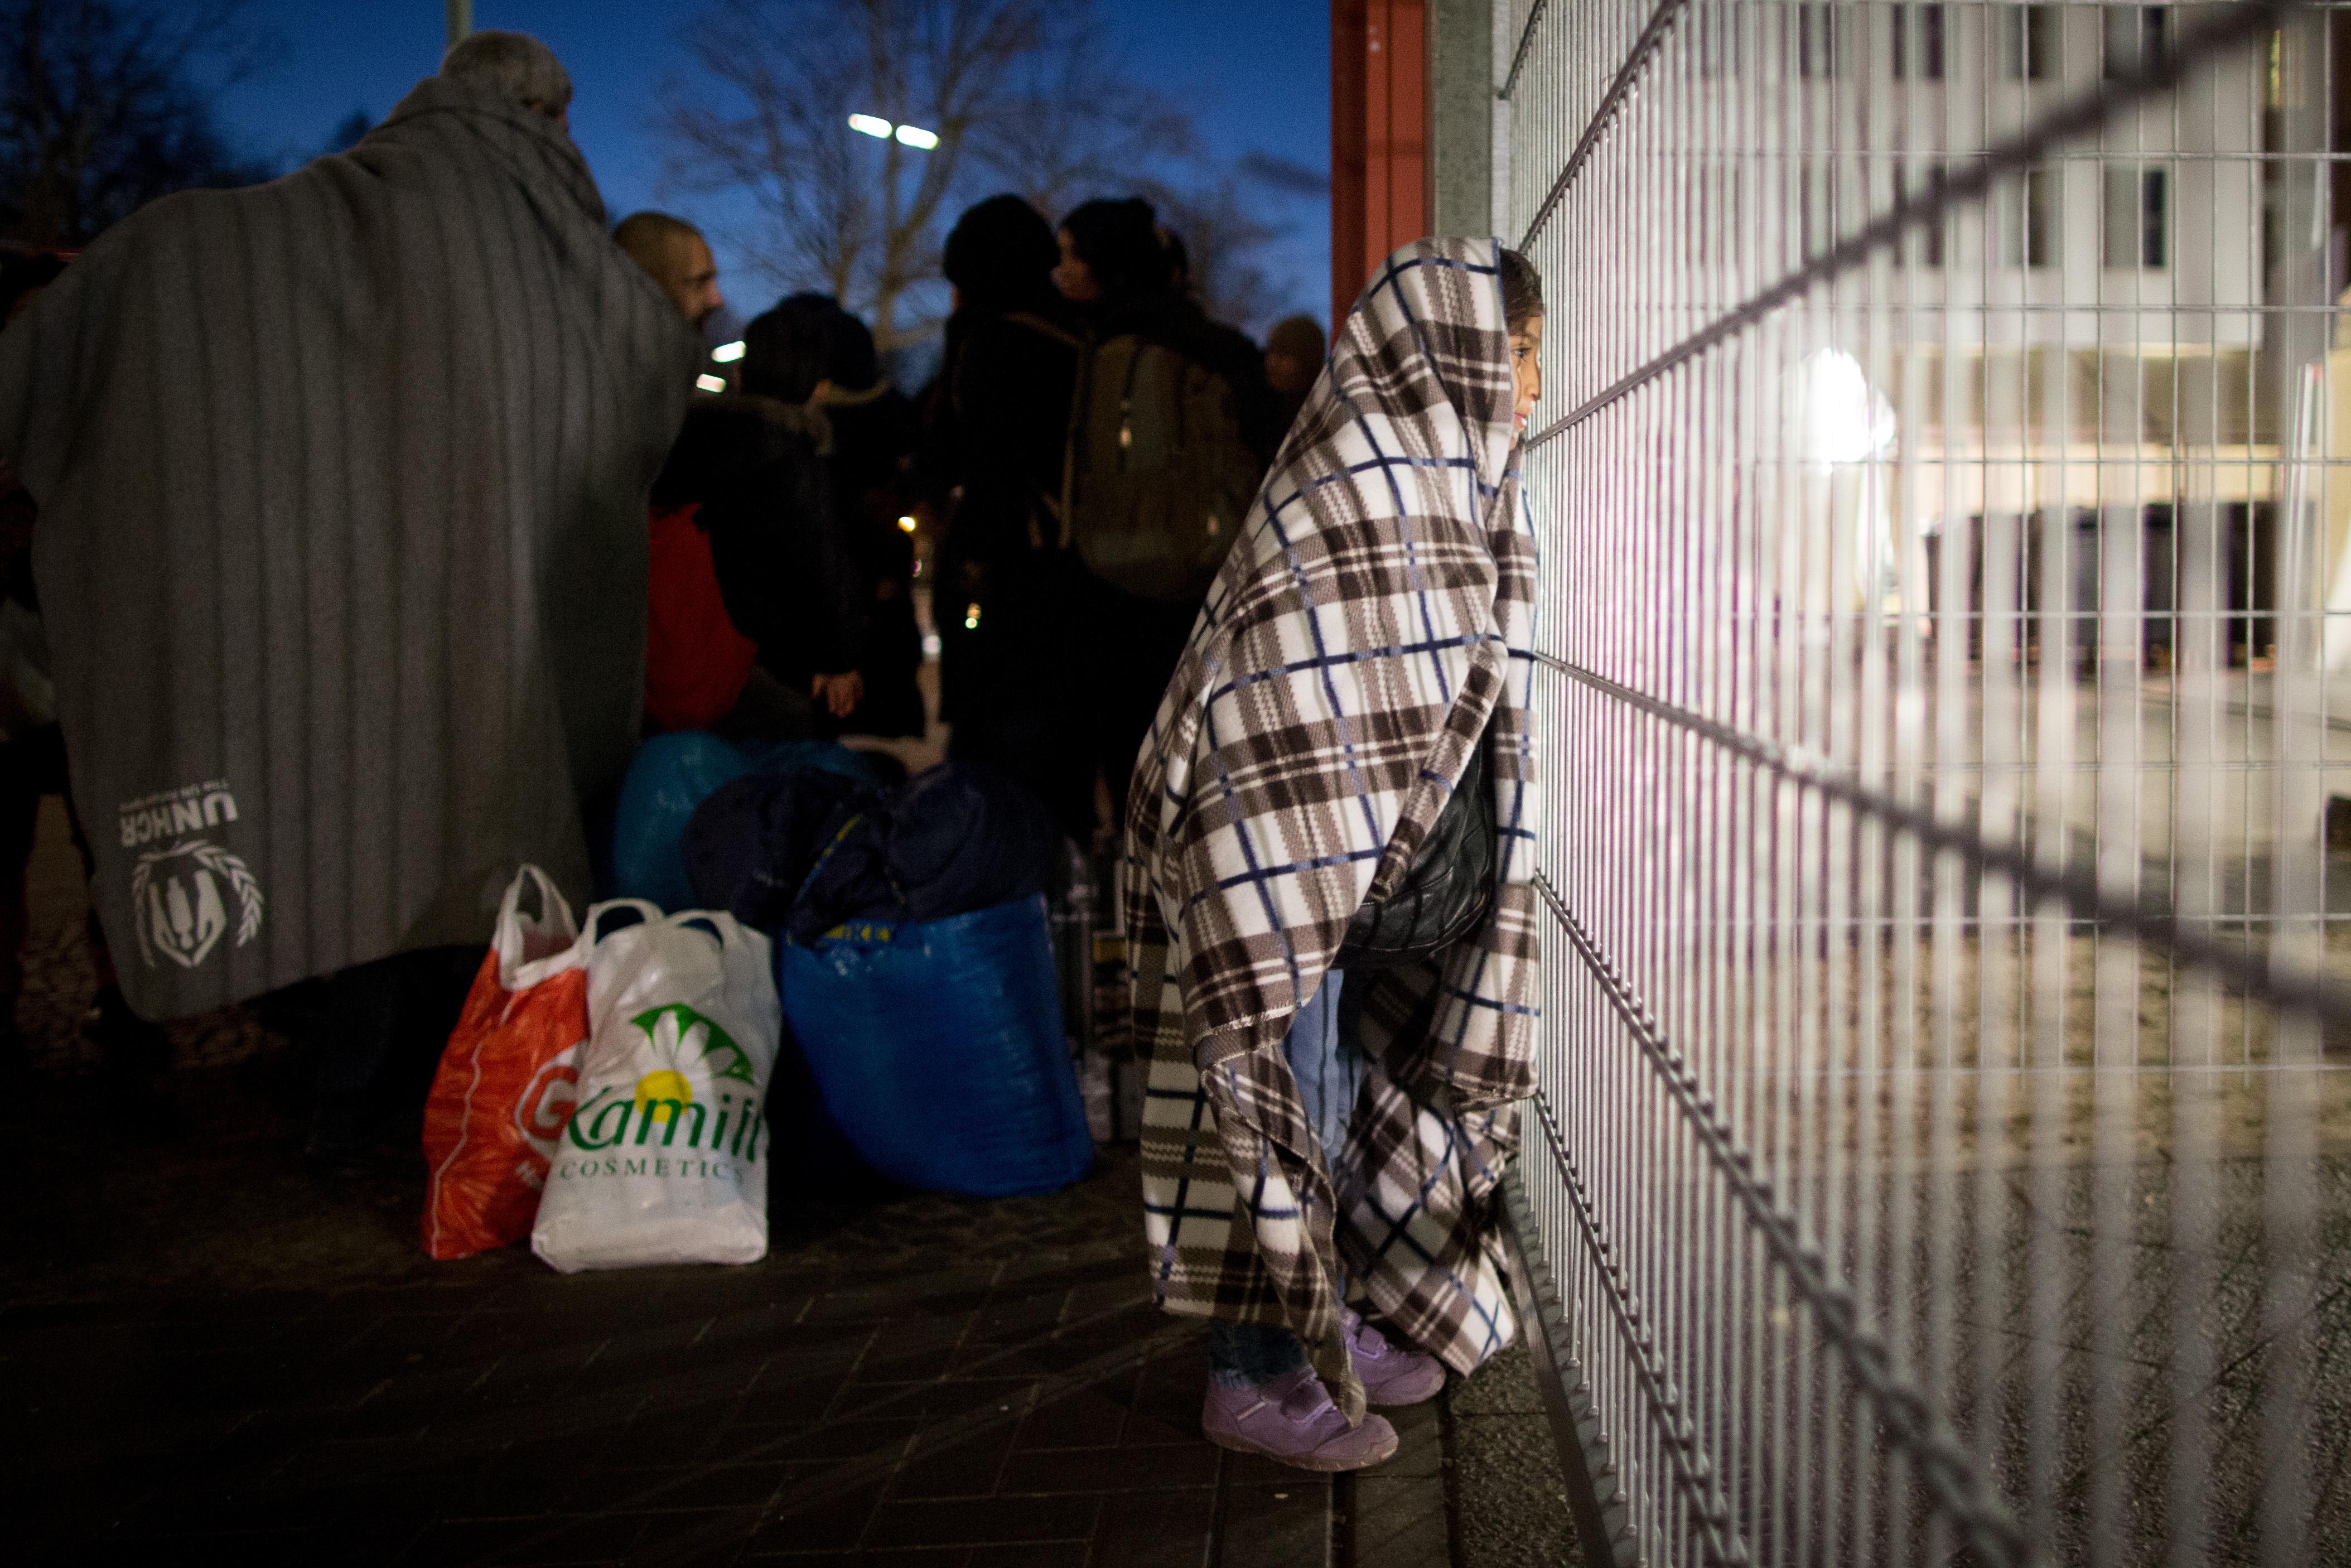 Németország még az idén megállapodna 40 ezer afgán menekült hazaküldéséről